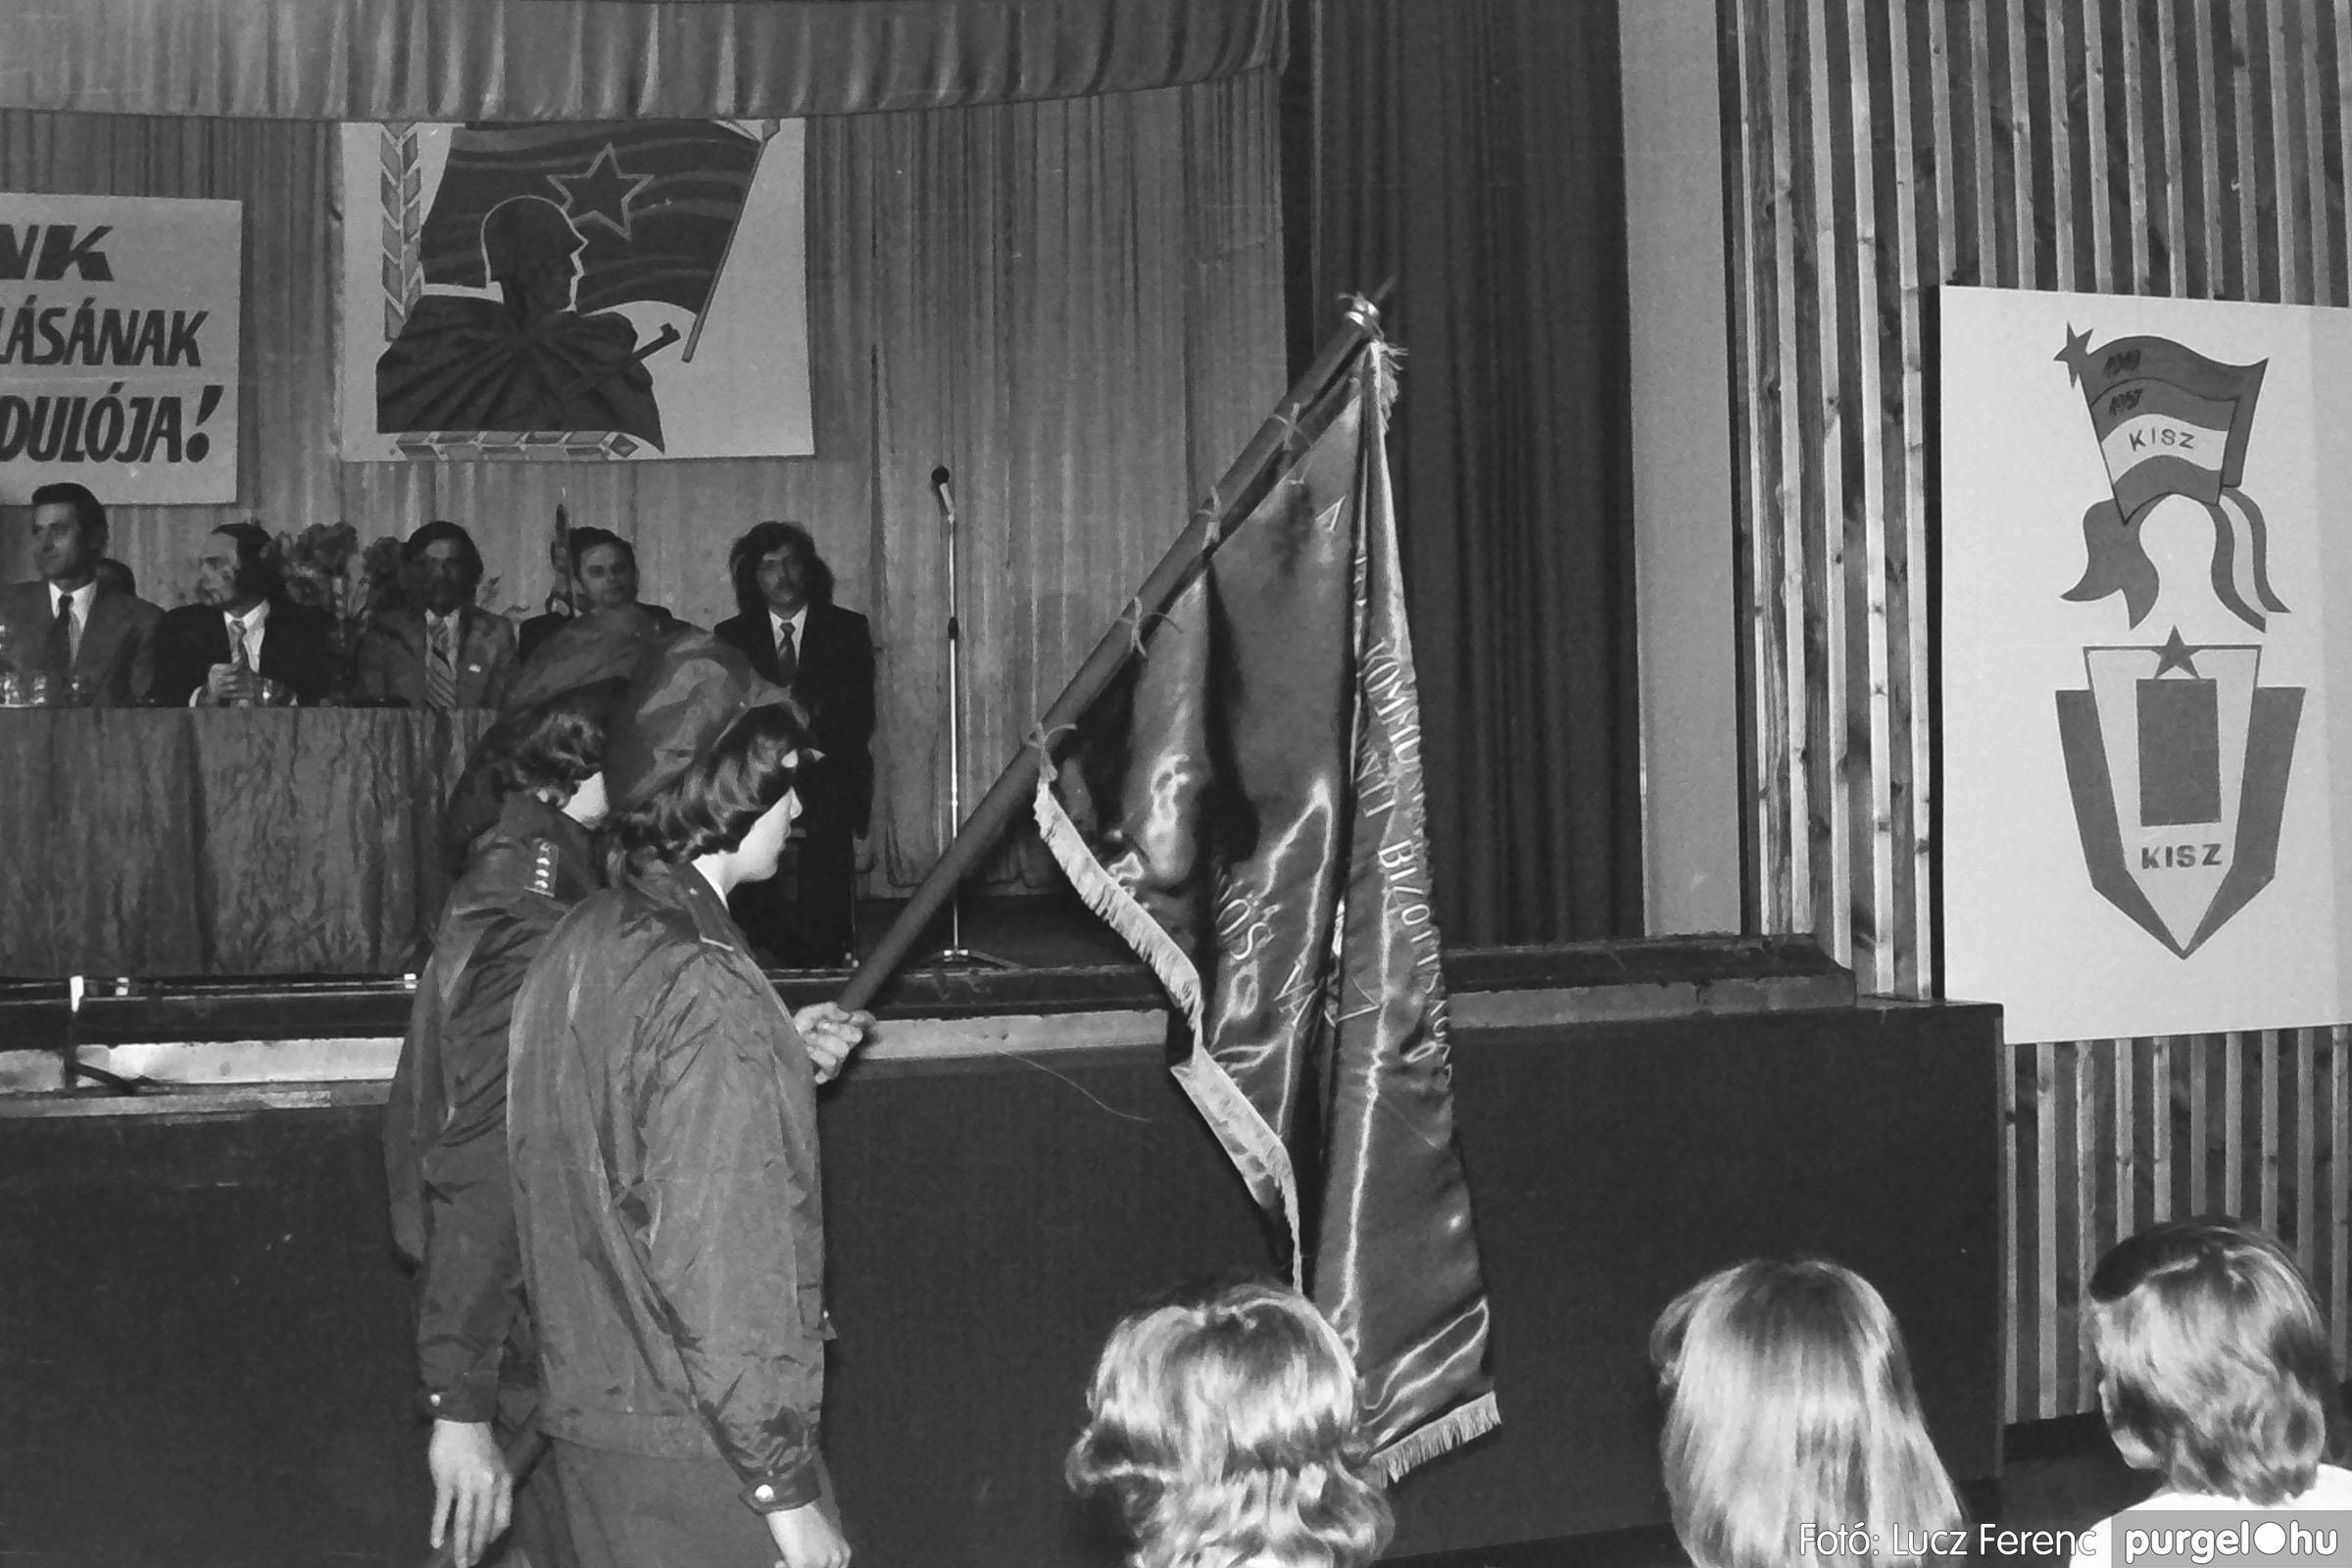 039. 1976.04.04. Április 4-i ünnepség a kultúrházban 010. - Fotó: Lucz Ferenc.jpg